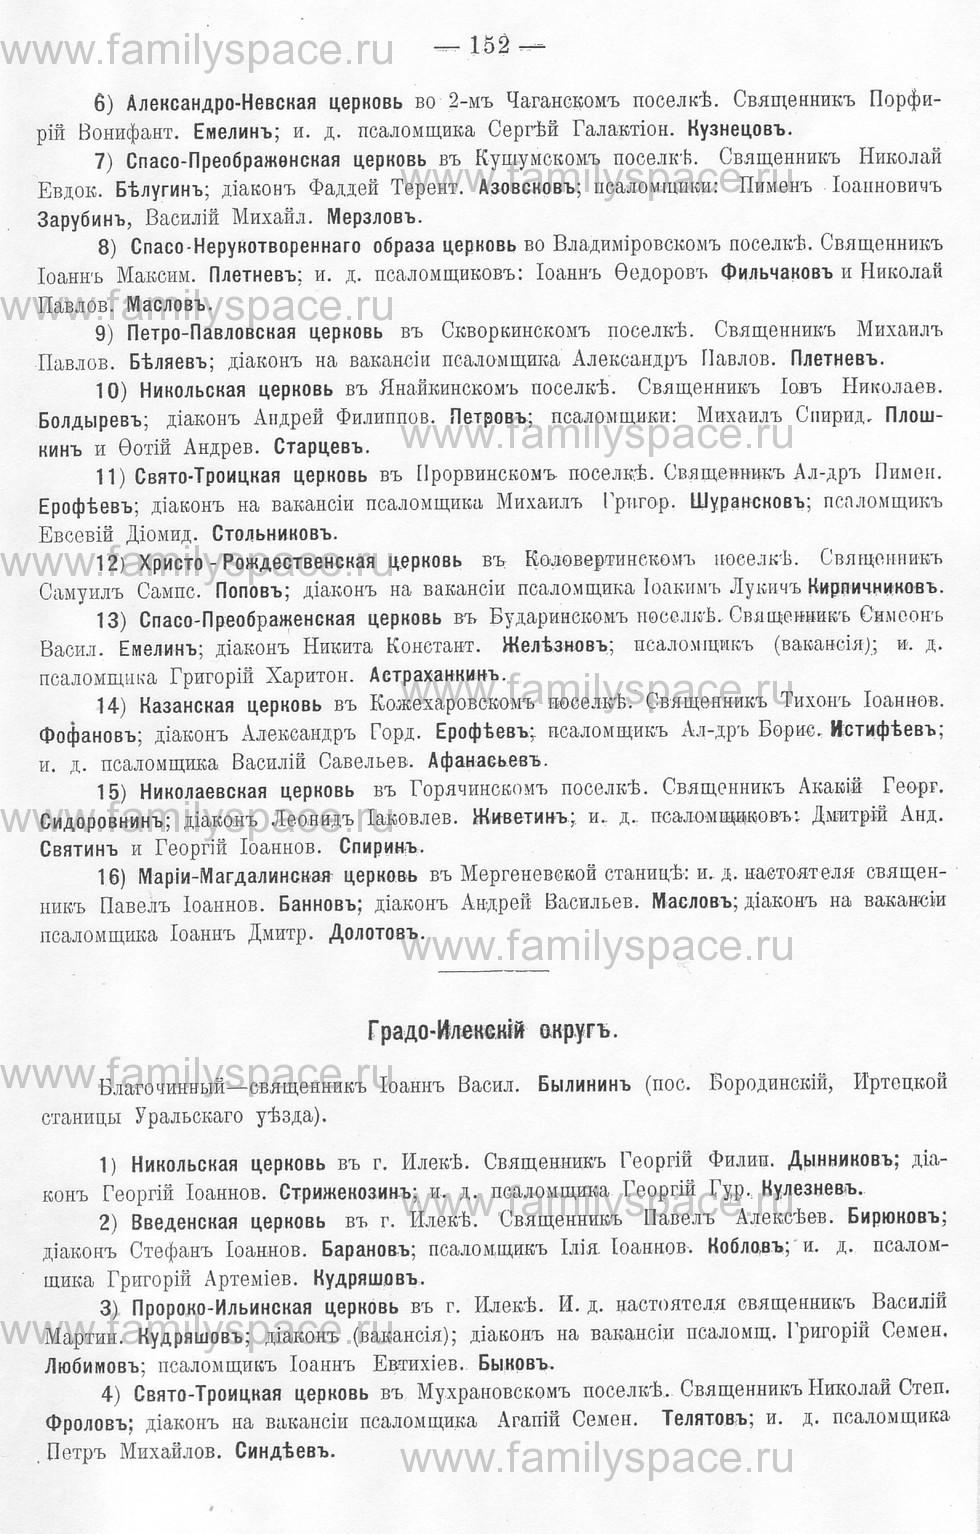 Поиск по фамилии - Памятная книжка Уральской области на 1913 год, страница 152